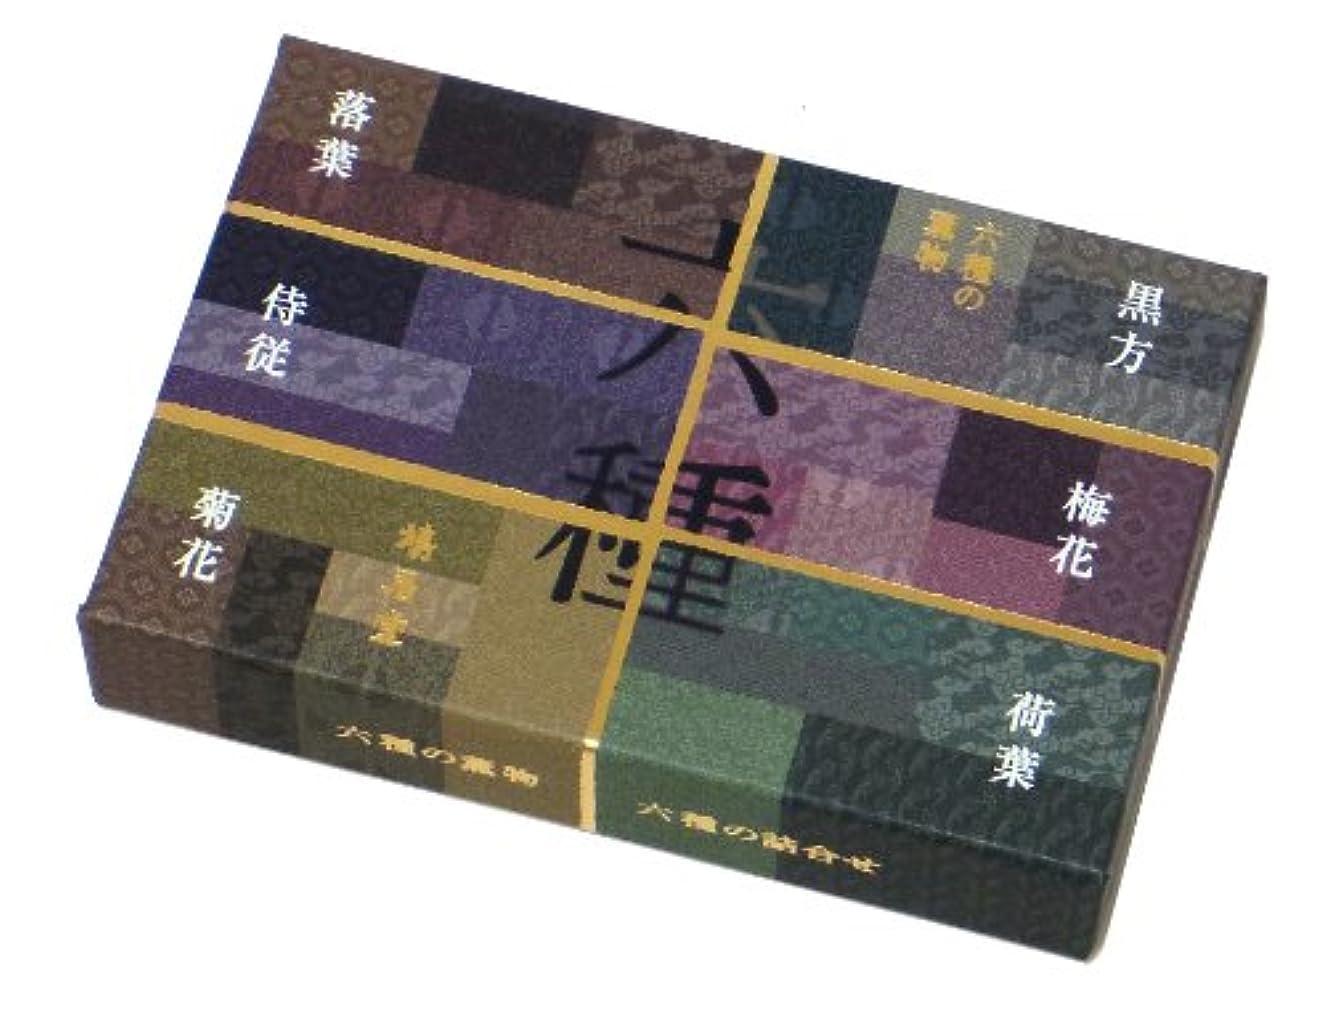 タウポ湖小売爆風鳩居堂のお香 六種の薫物6種セット 6種類各5本入 6cm 香立入